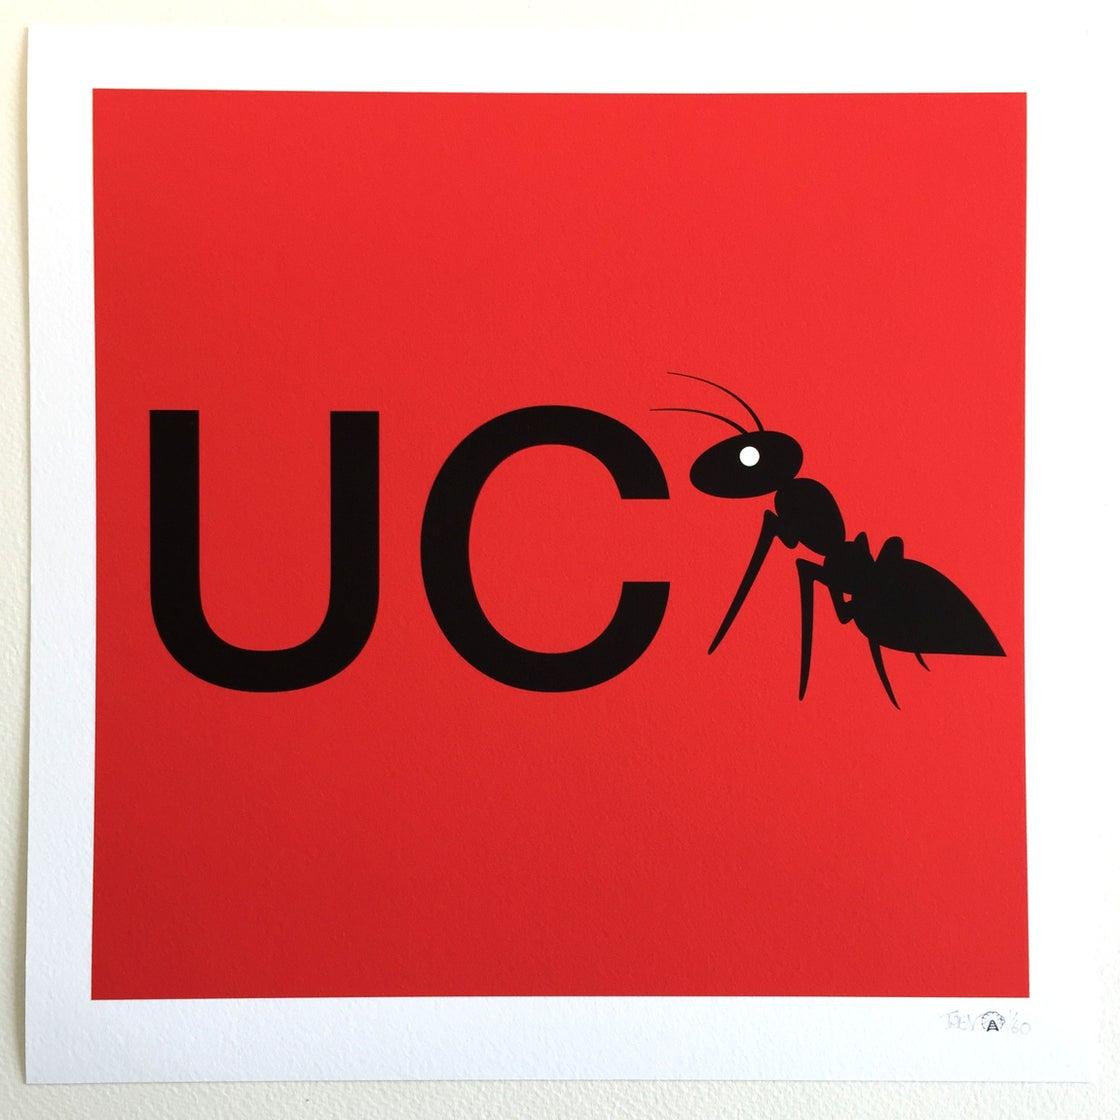 Image of EmojiU UCANT red